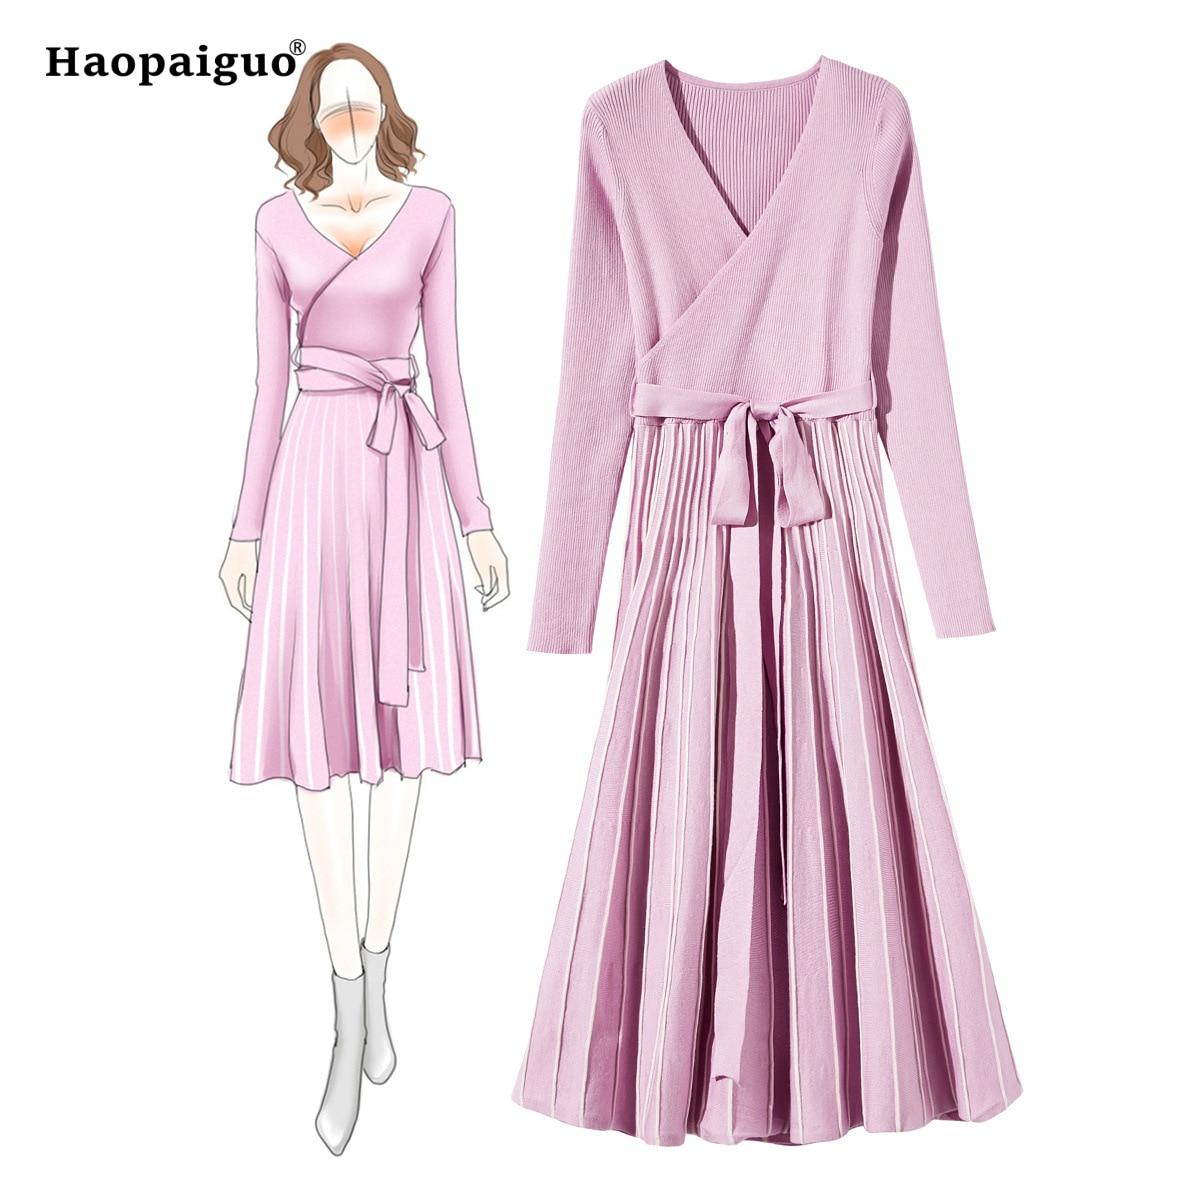 Solide doux chaud pull robe hiver automne femmes vêtements 2018 décontracté rose robe élégante femmes v-cou grande balançoire robe tricotée